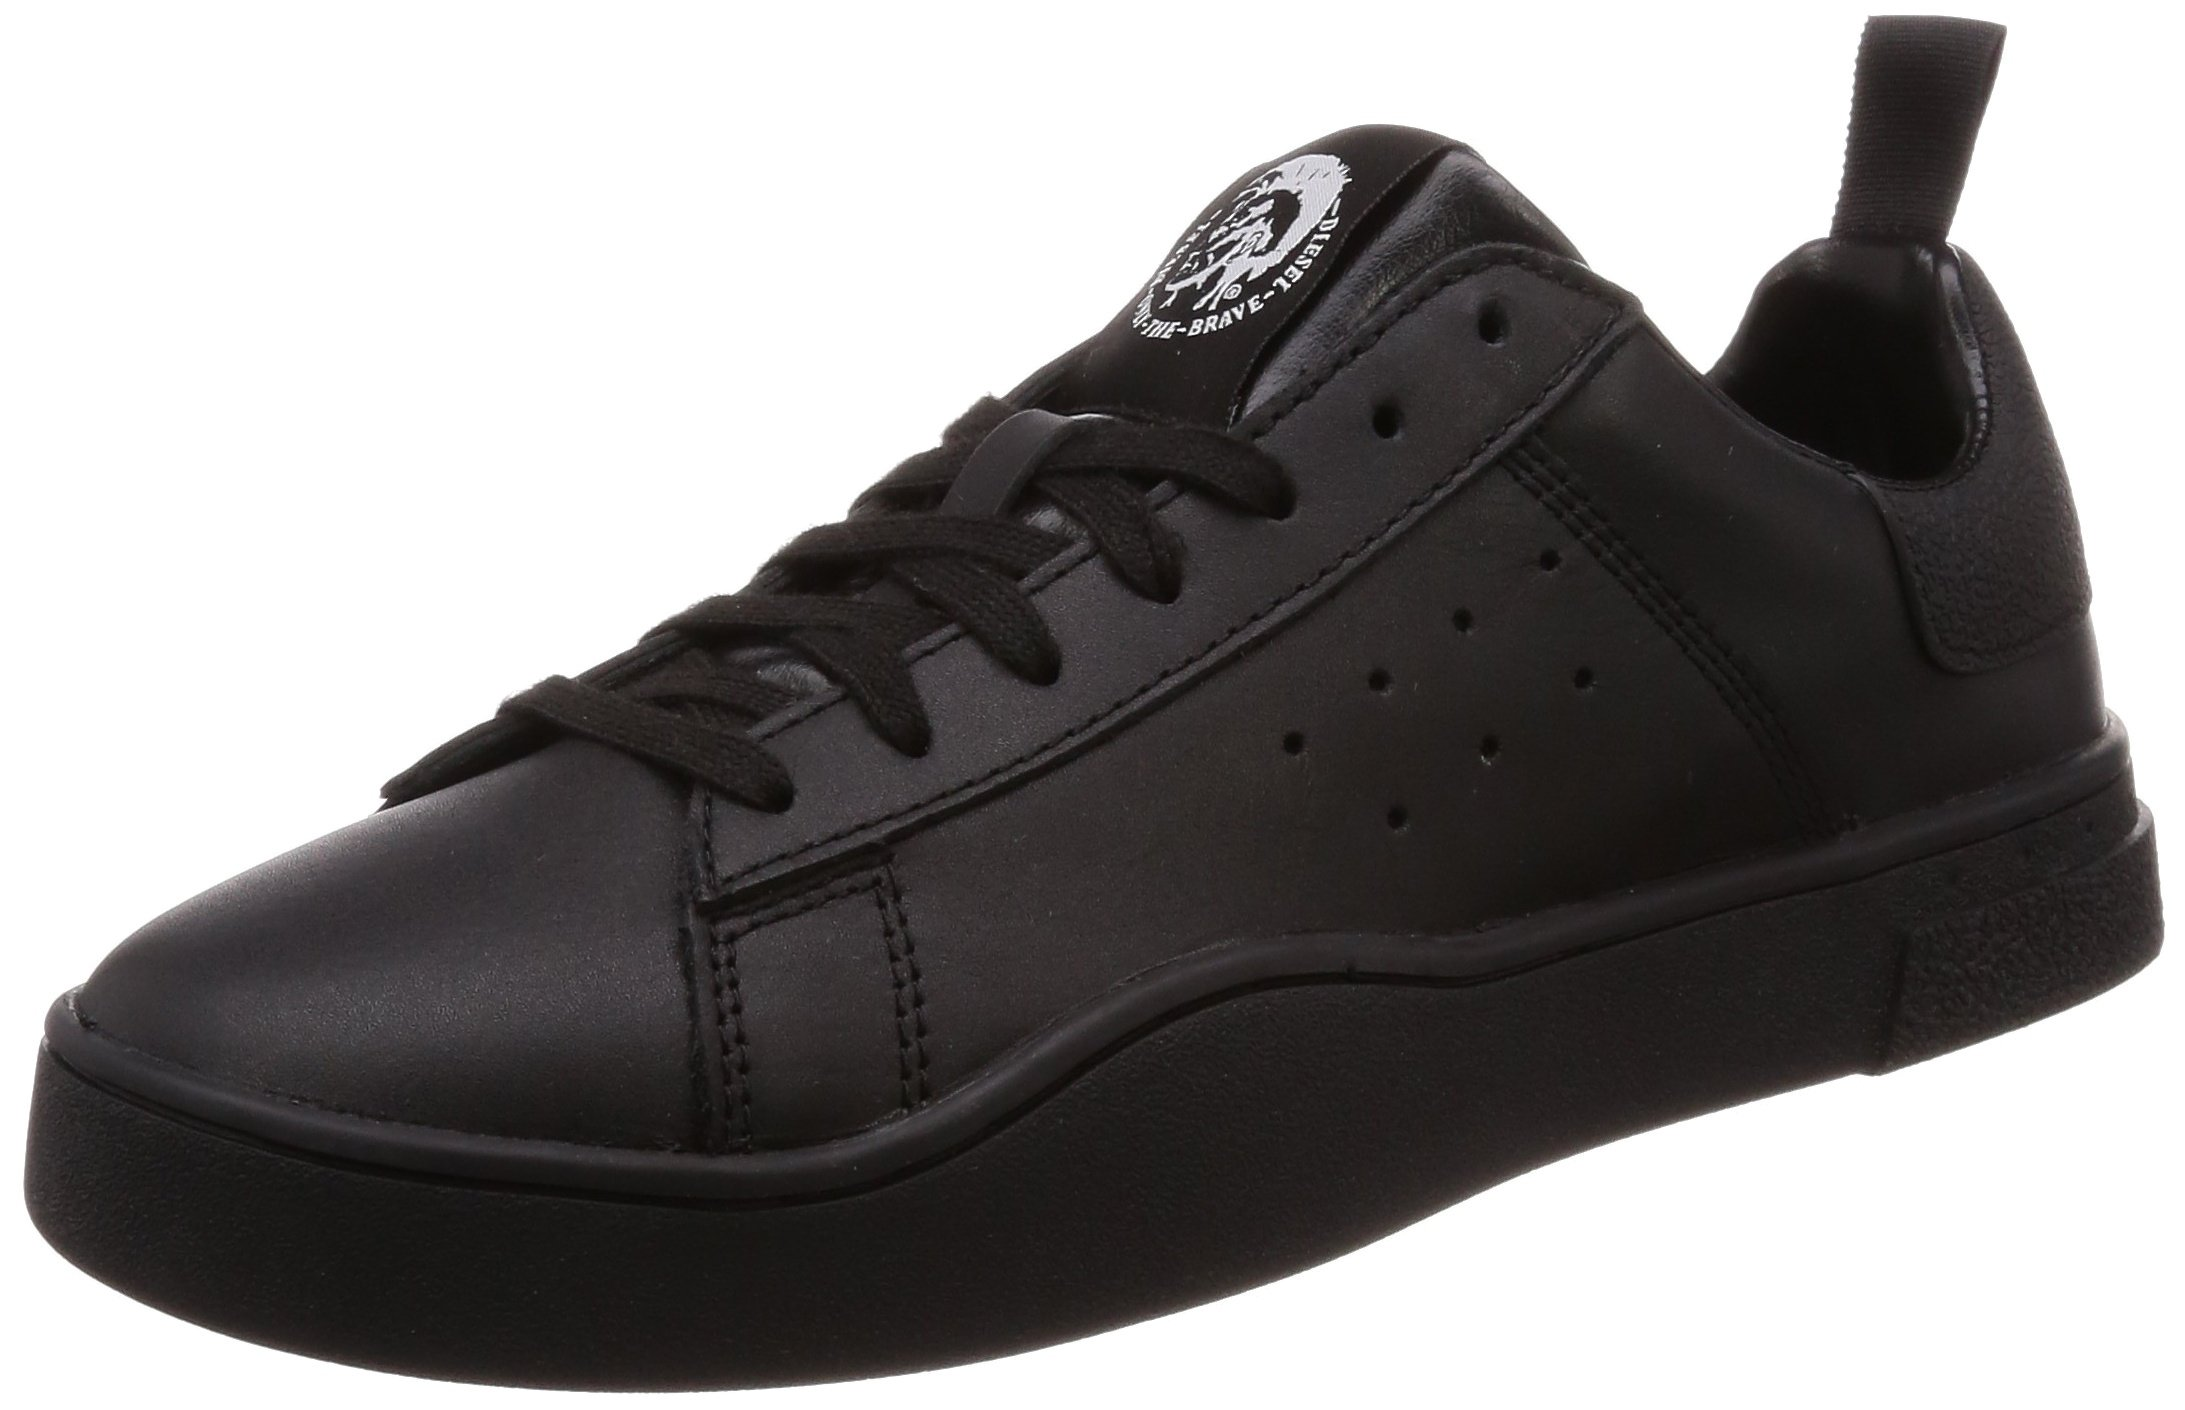 Diesel Men's S-Clever Low-Sneakers Black, 8 M US by Diesel (Image #1)